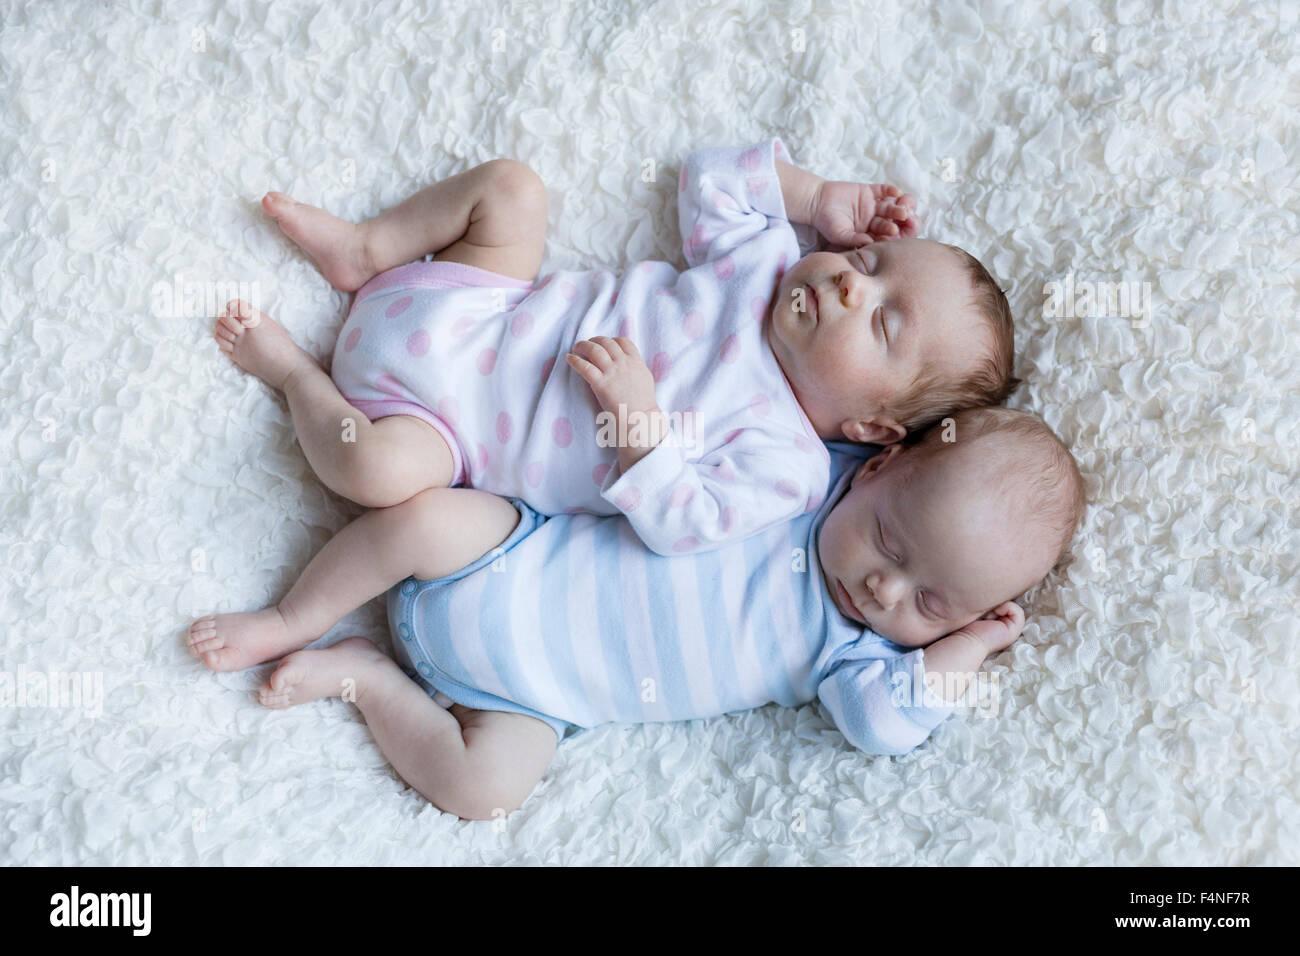 Gemelos recién nacido duerme al lado Imagen De Stock